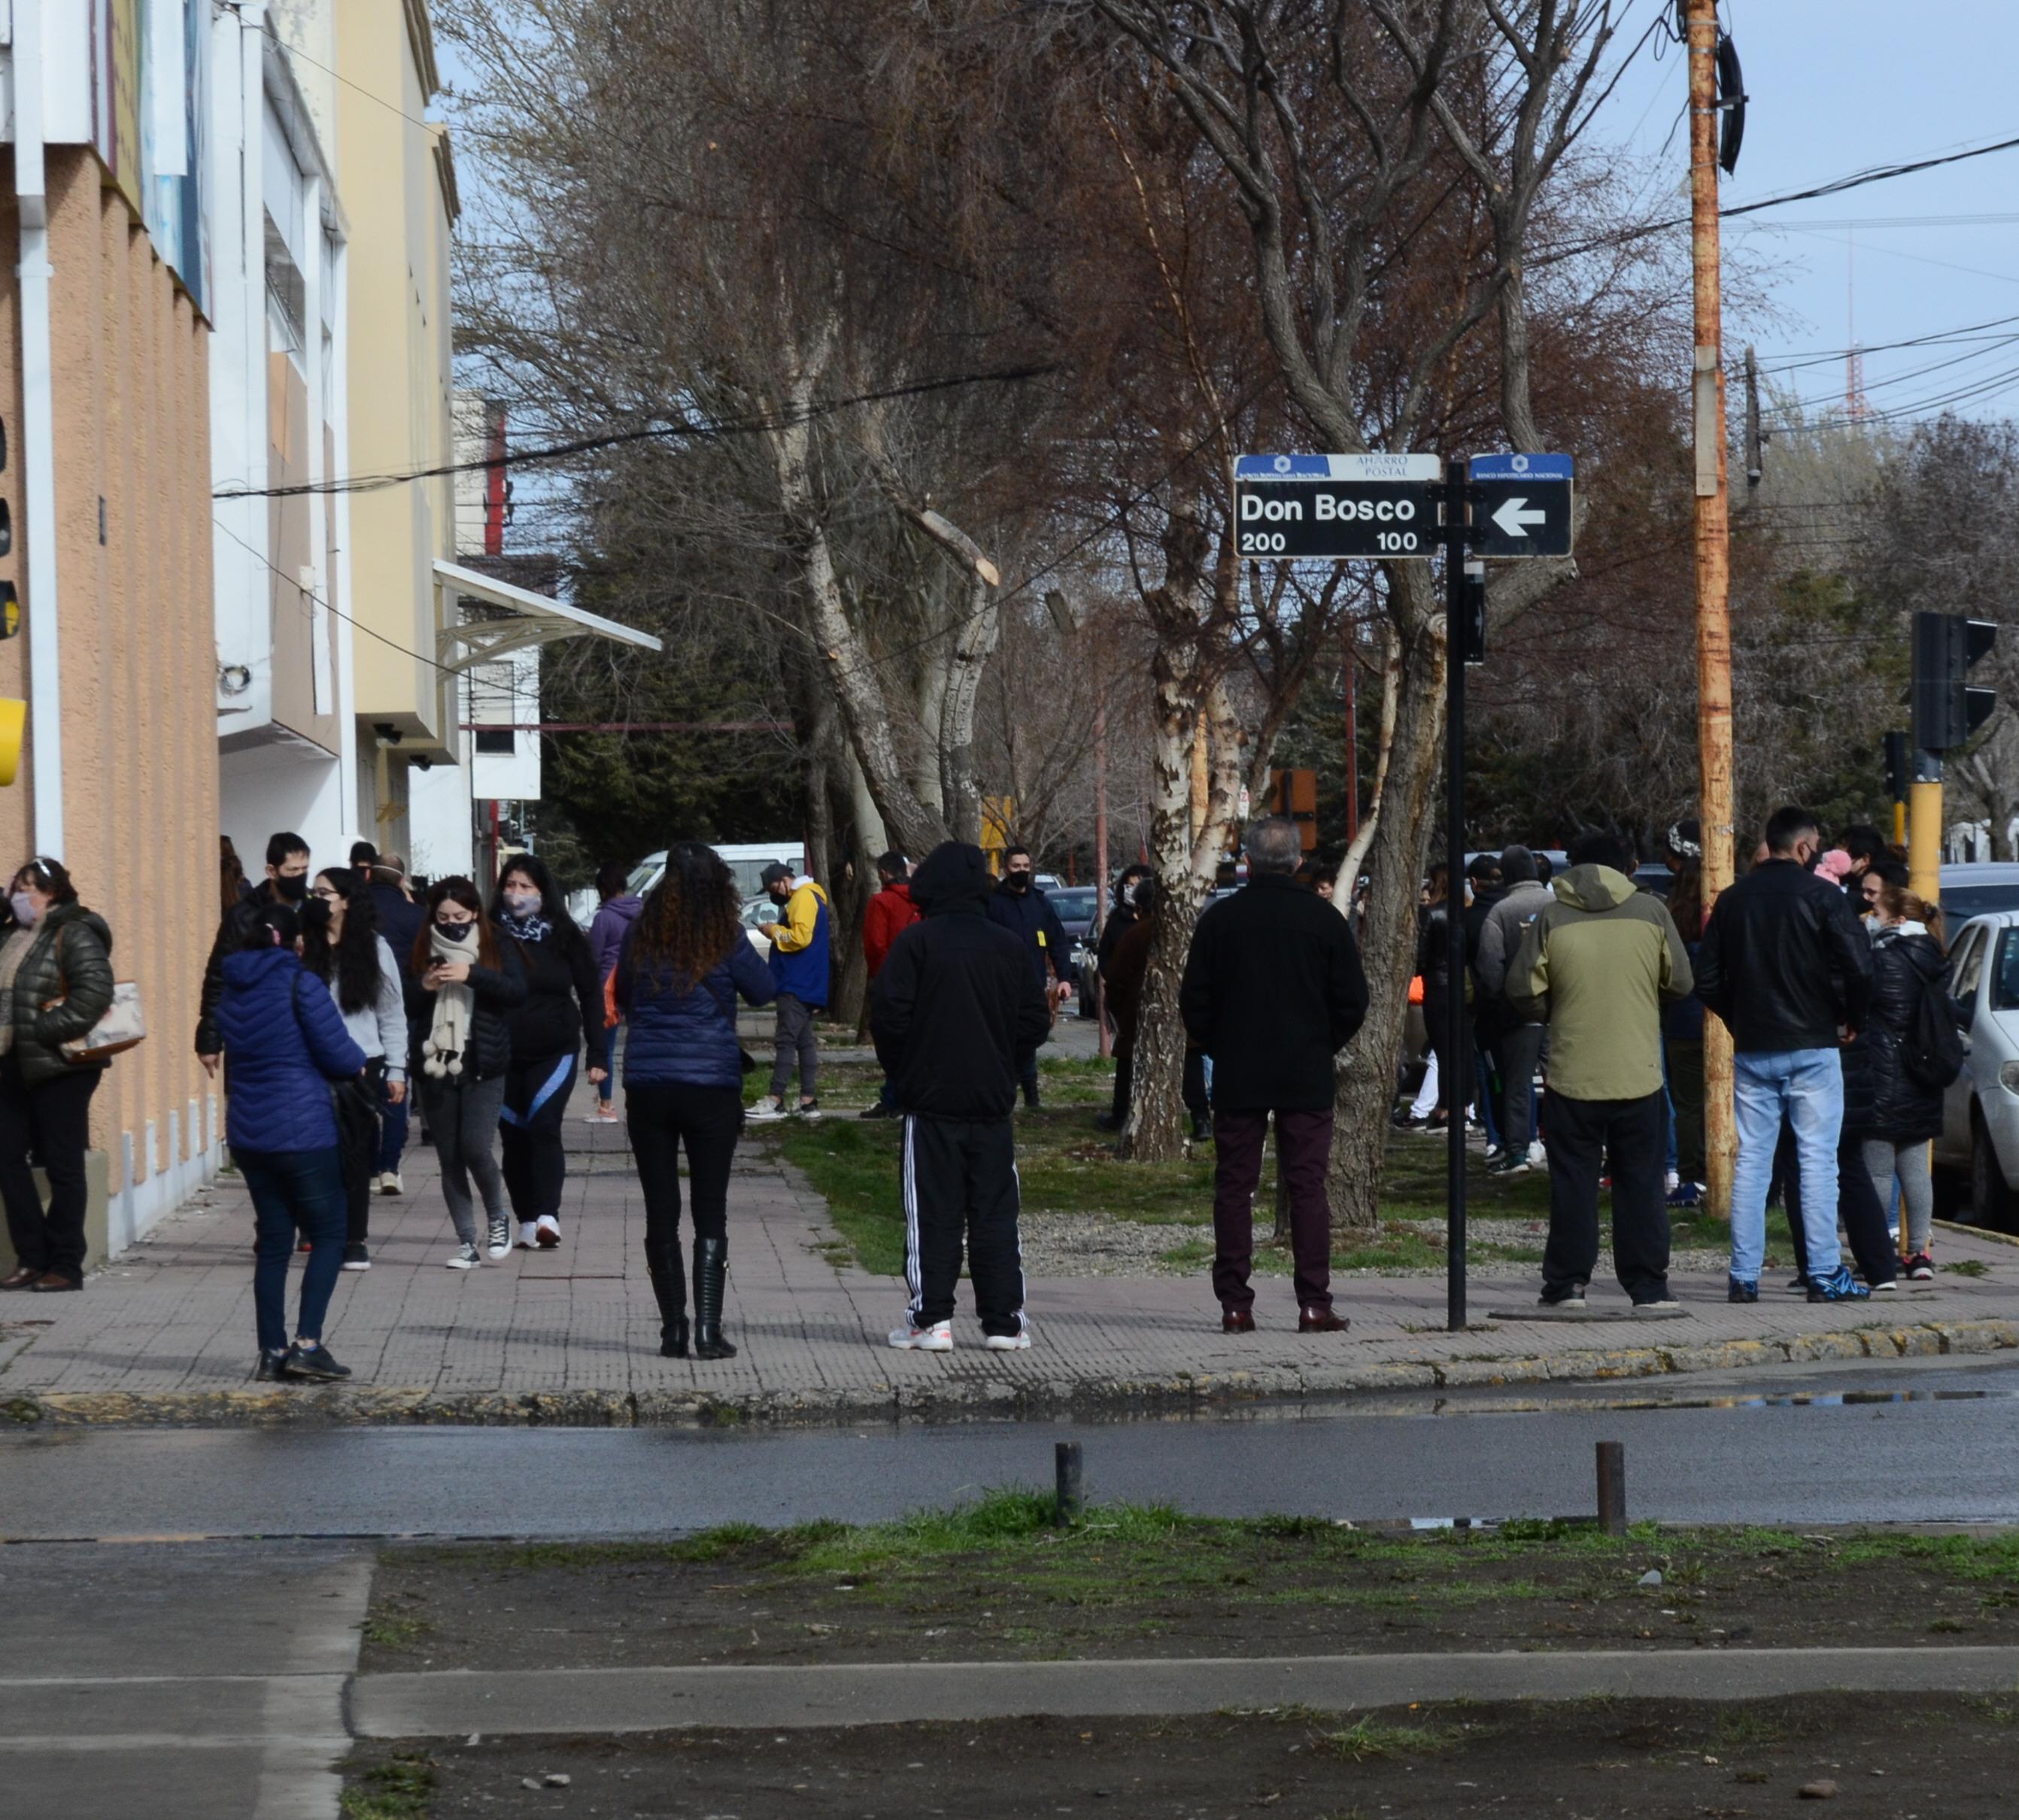 Al mediodía las colas alcanzaron la esquina del Ladvocat en Río Gallegos. FOTO: JOSÉ SILVA / LA OPINIÓN AUSTRAL